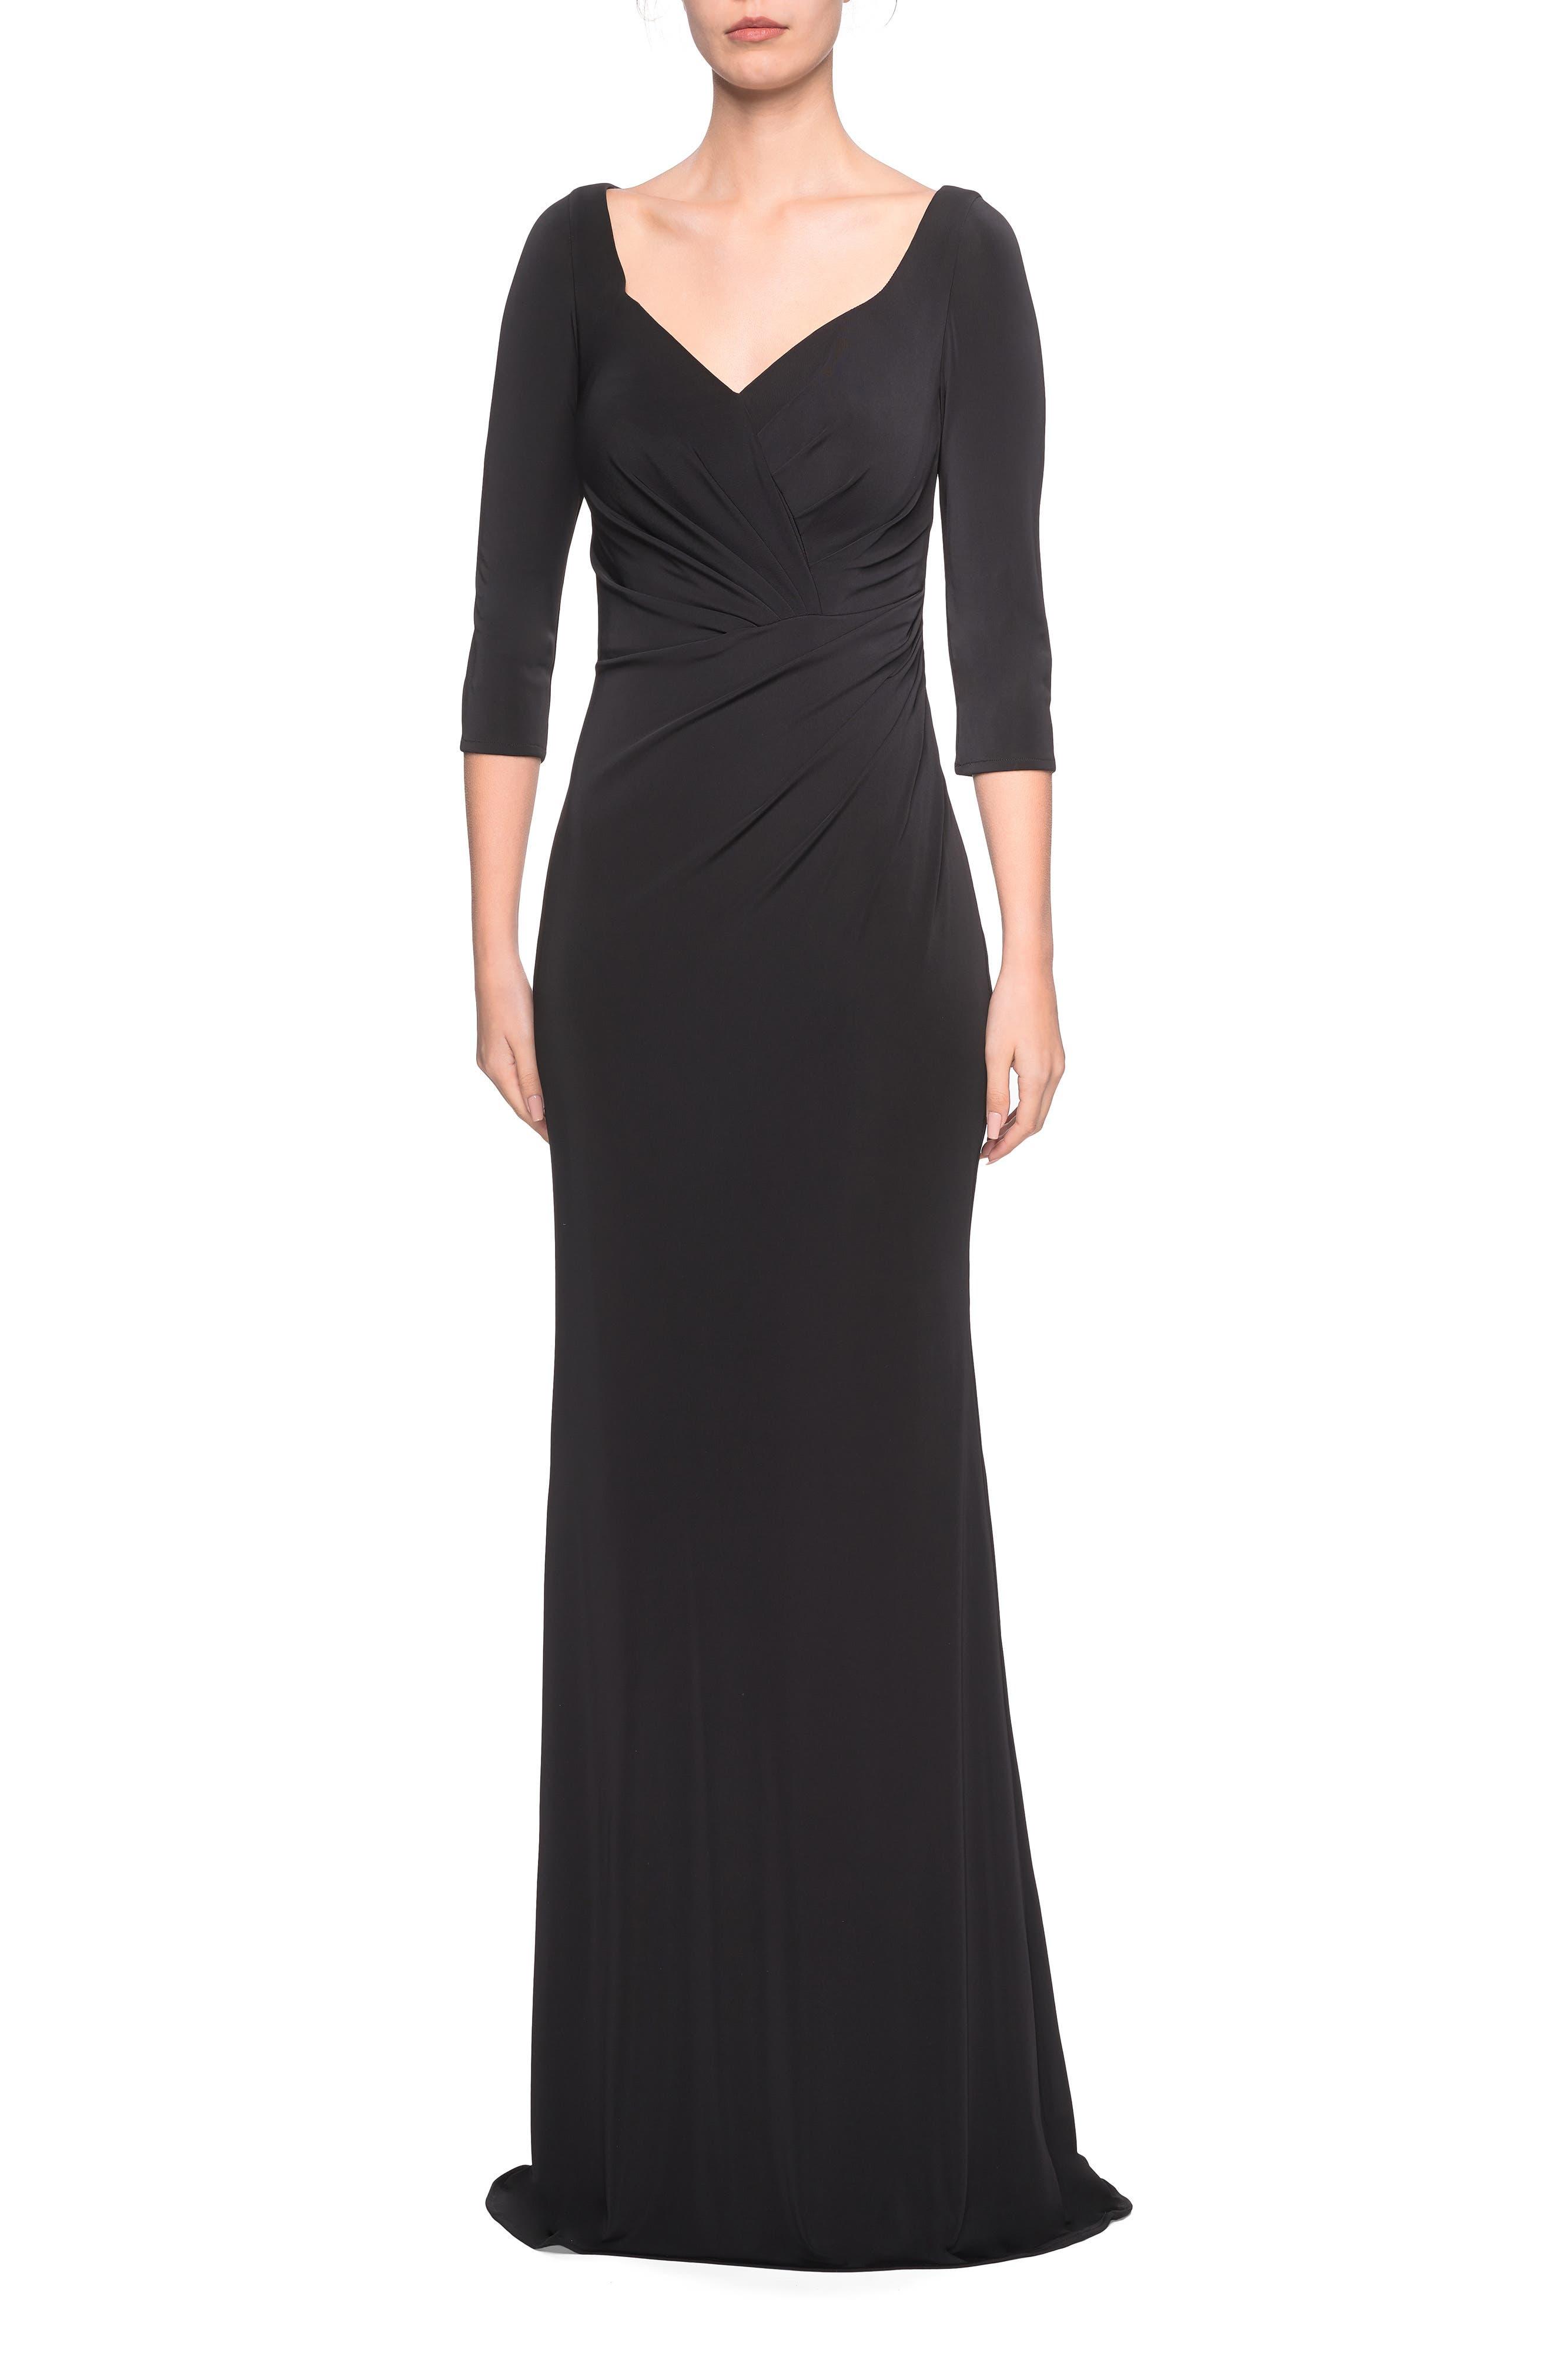 La Femme Ruched Jersey Evening Dress, Black